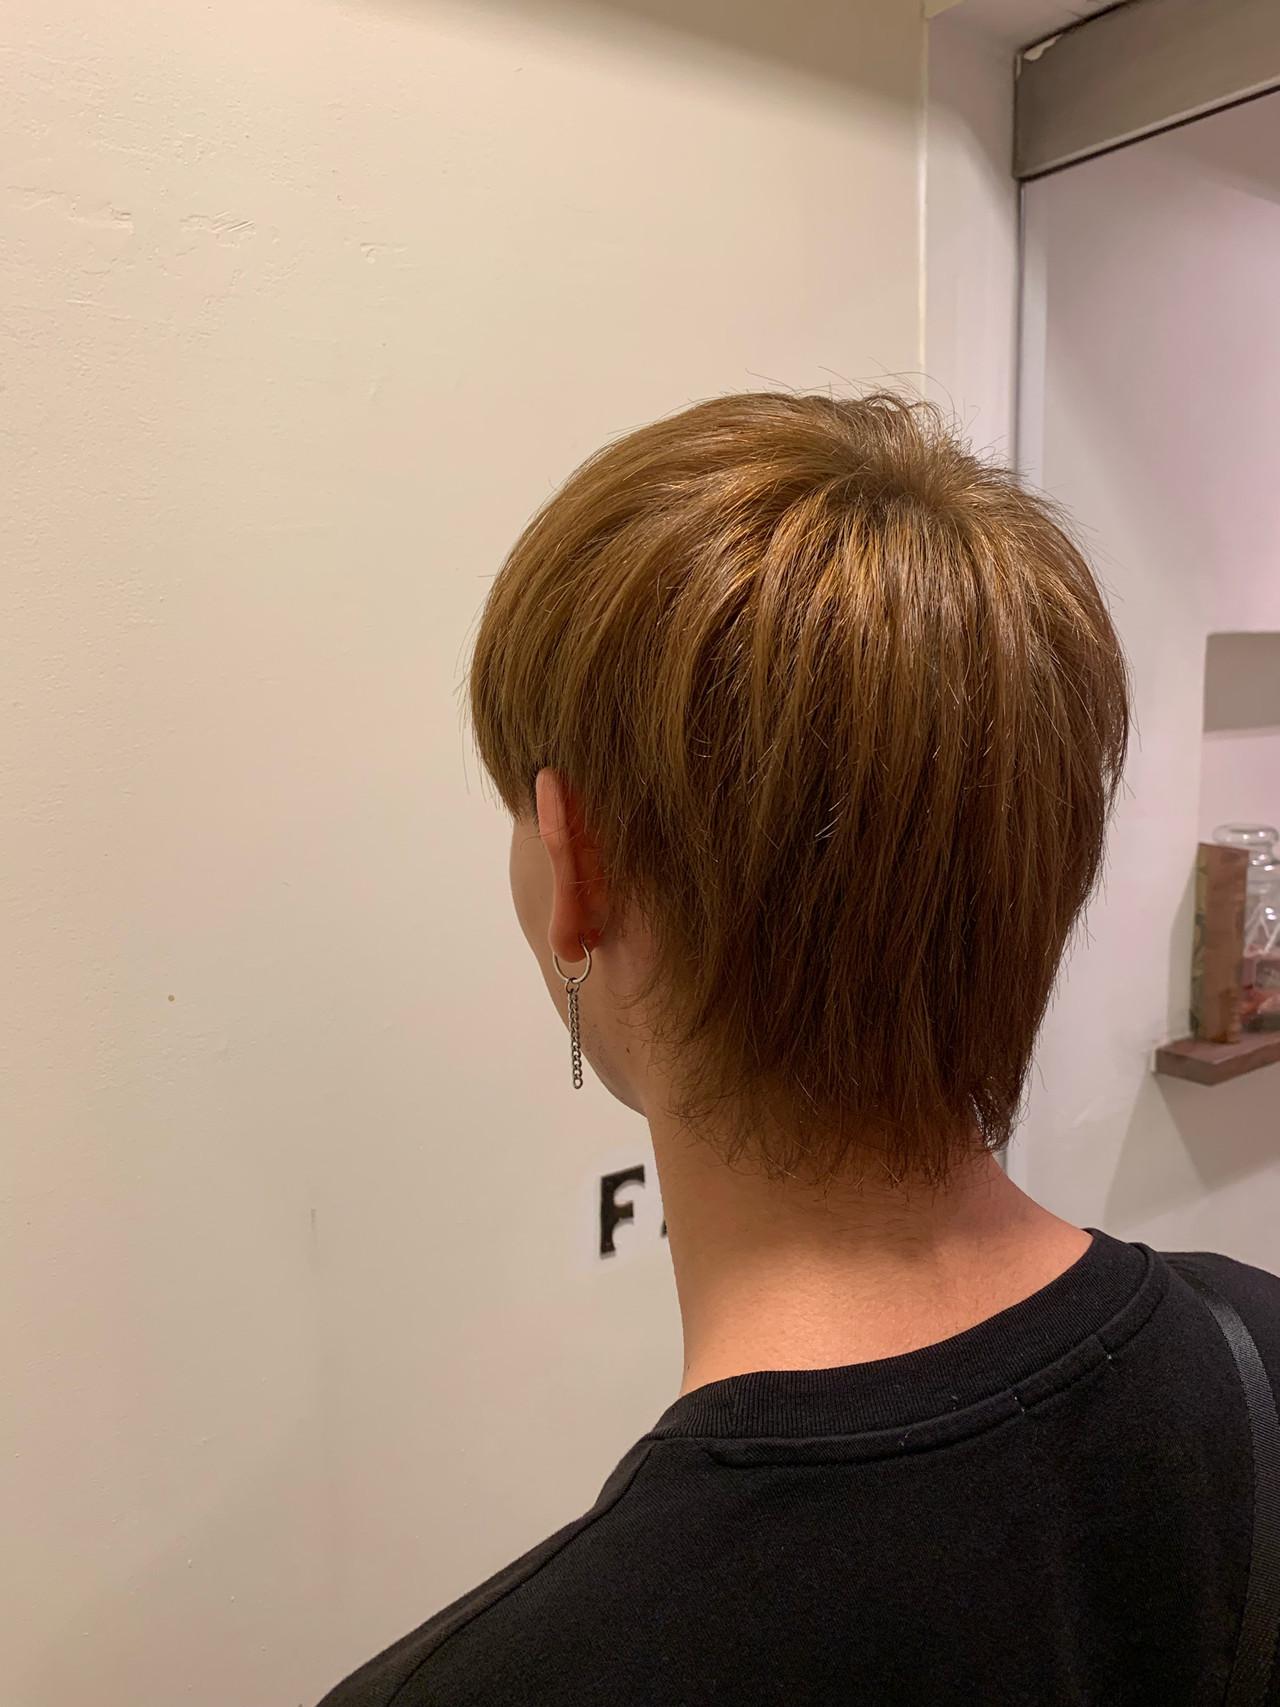 ナチュラル ウルフ メンズカラー メンズ ヘアスタイルや髪型の写真・画像